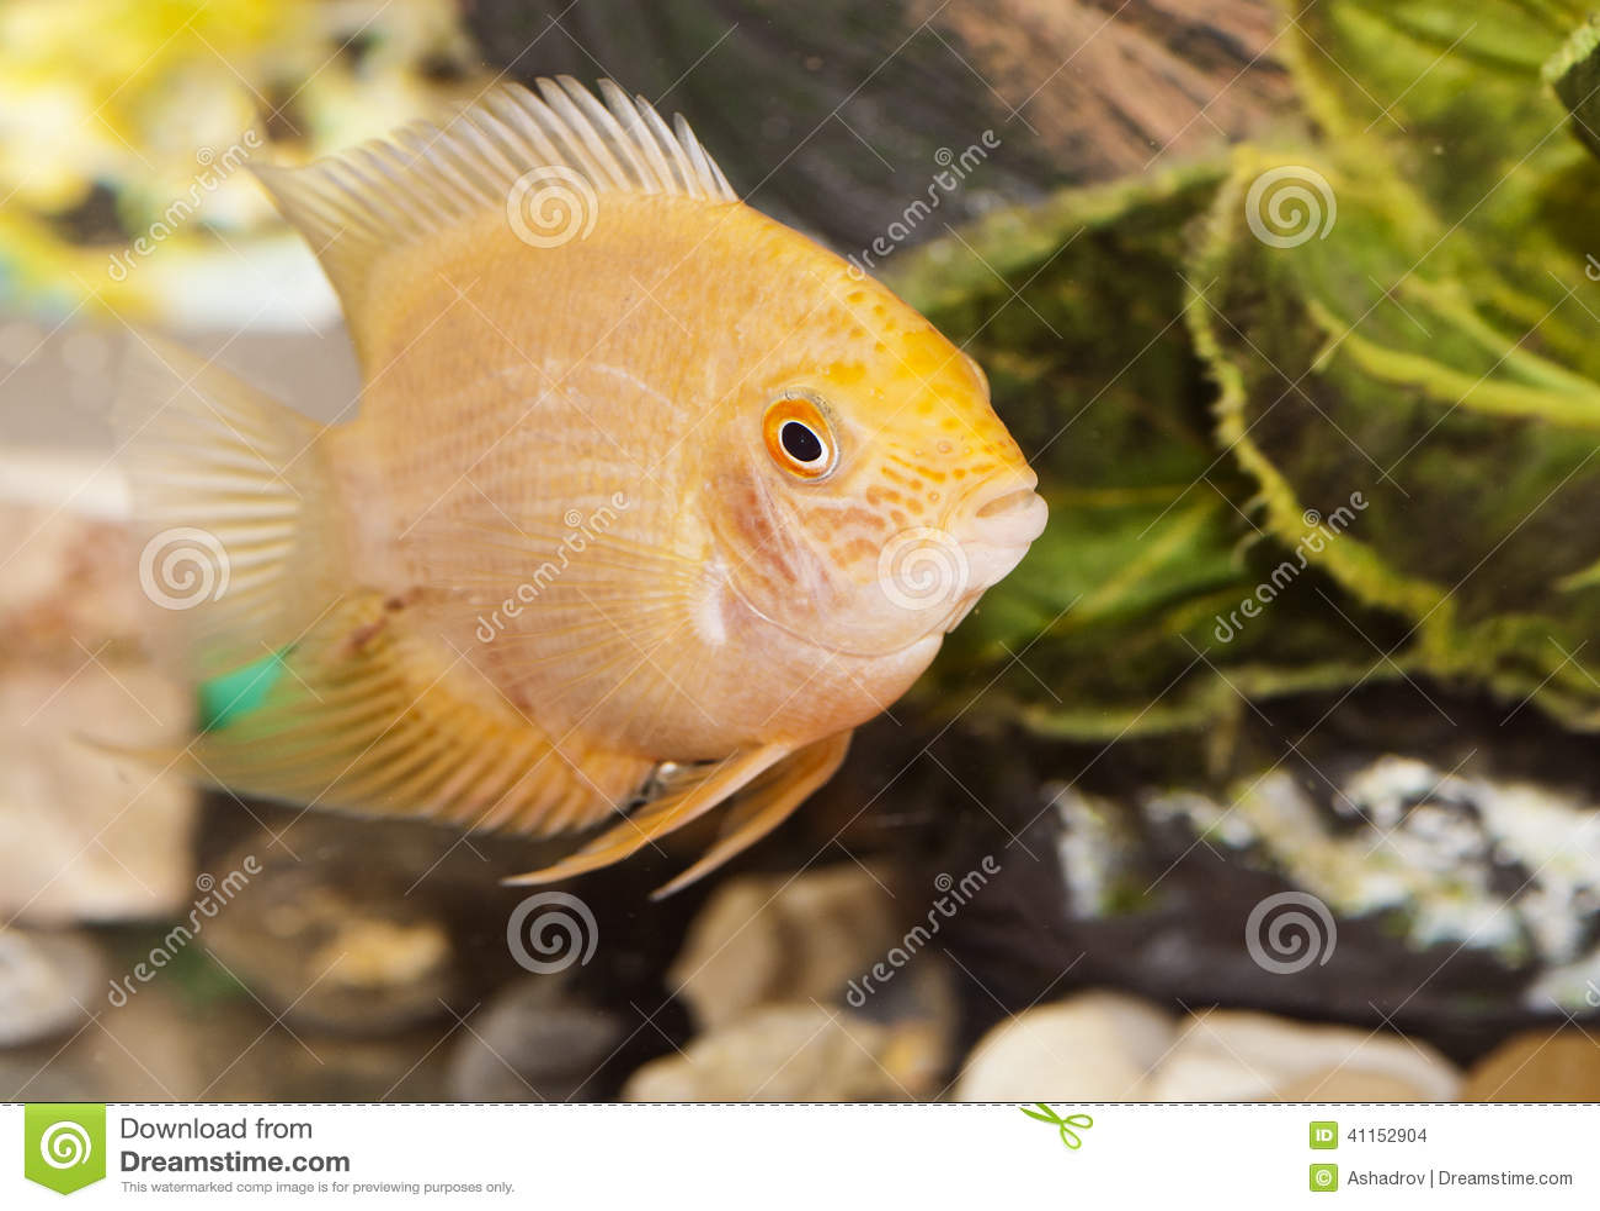 Aquarian Small Fish Stock Photo Image 41152904